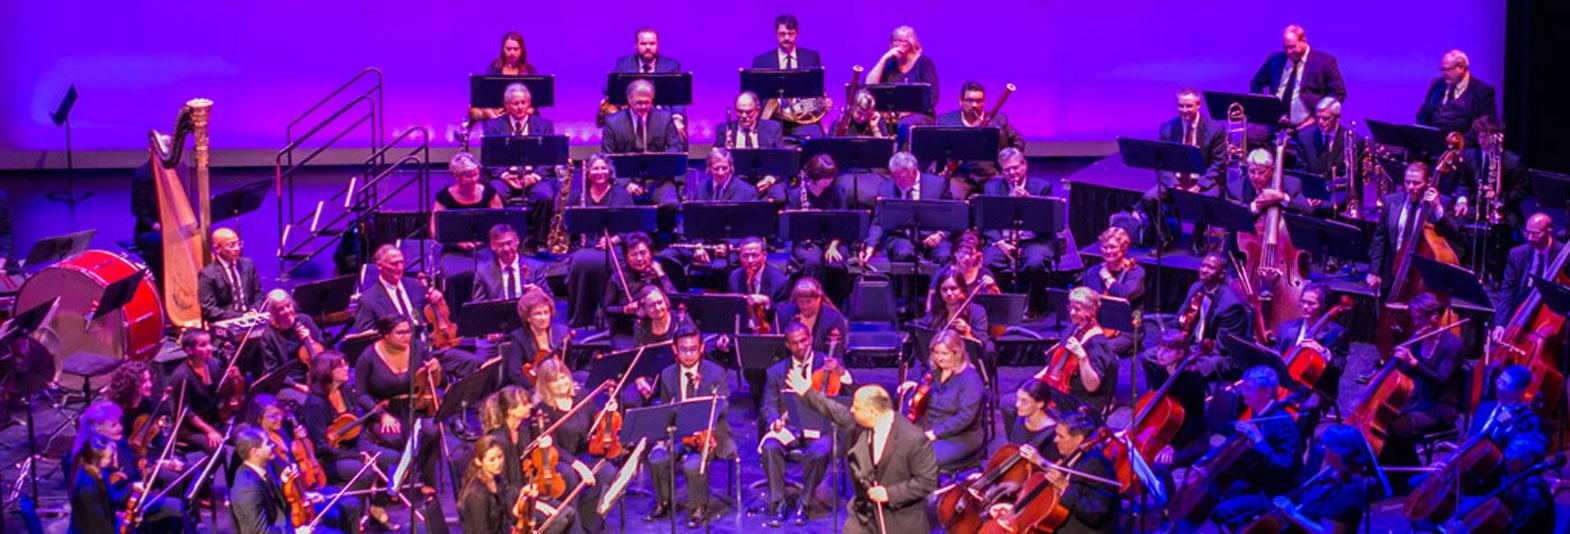 la mirada symphony credits